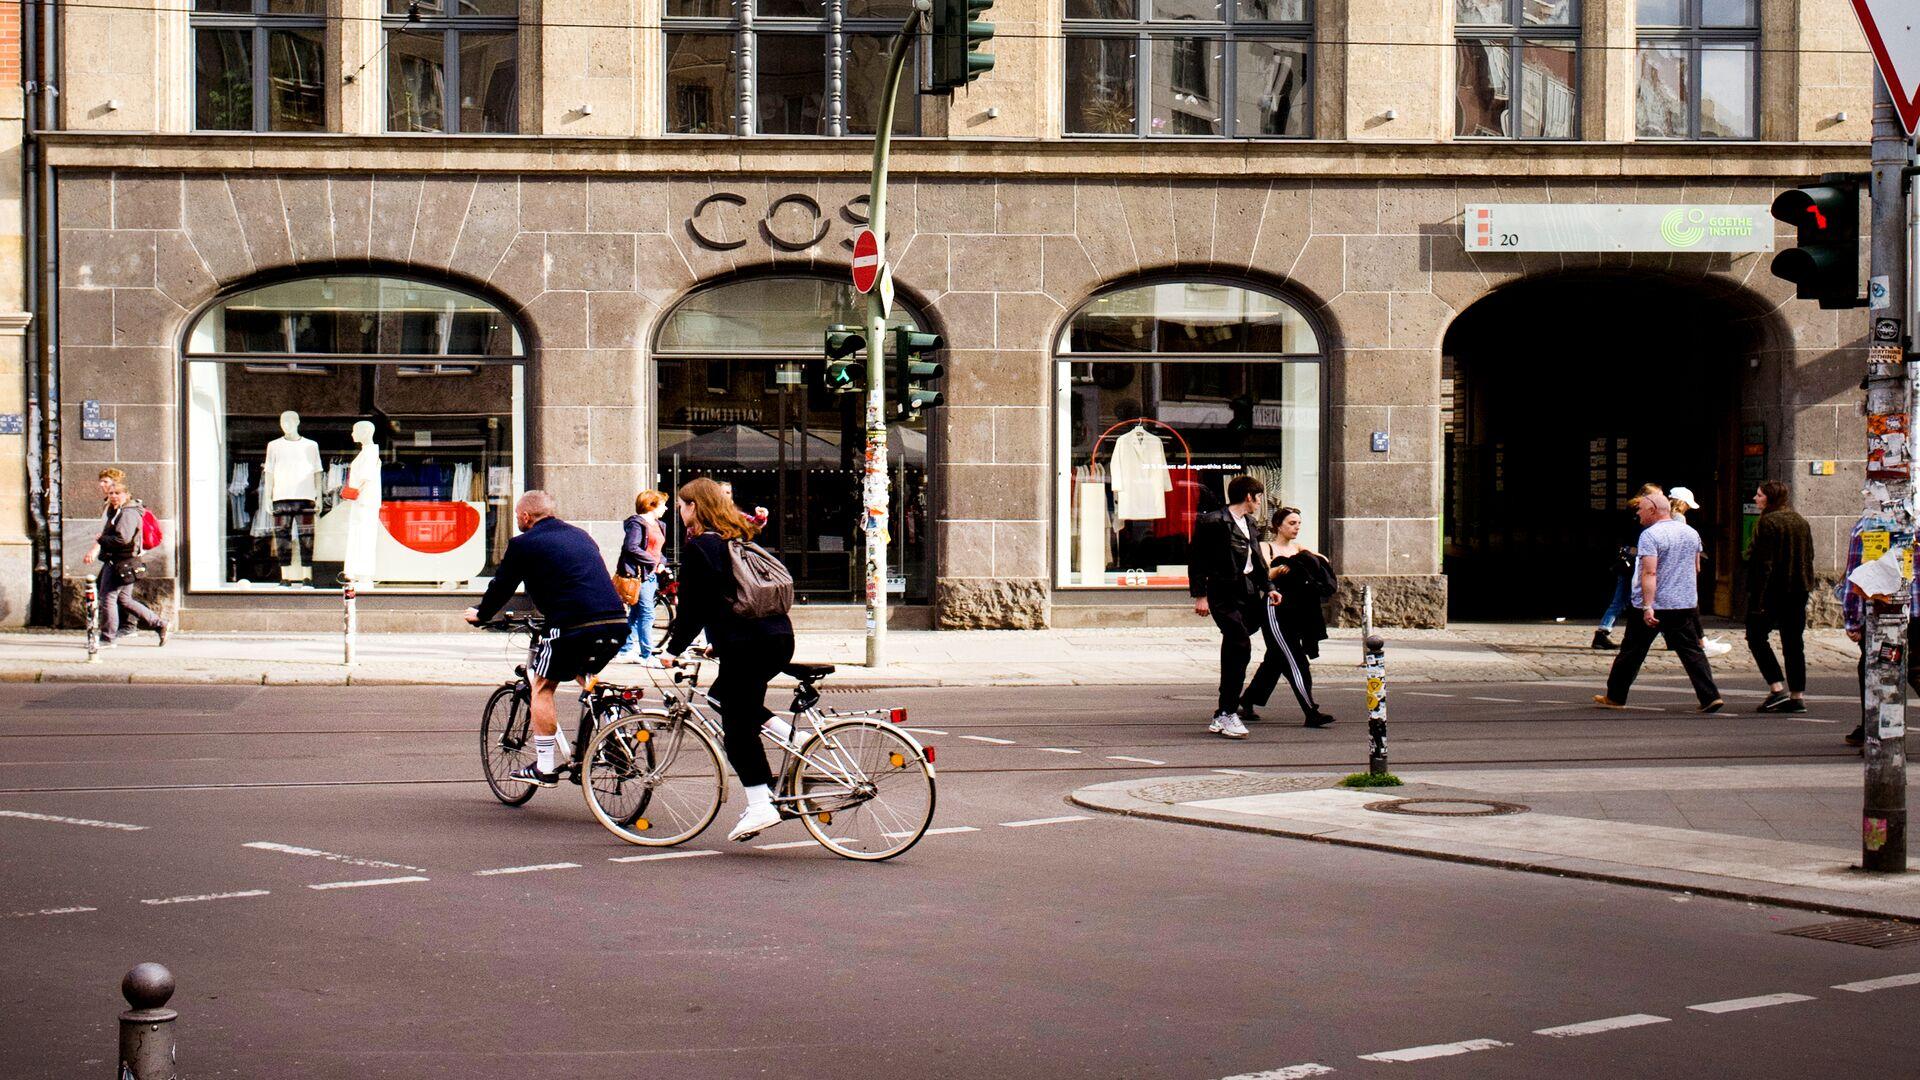 Sprachaufenthalt Deutschland, Berlin - Goethe Institut Berlin - Schule © Goethe-Institut/Sonja Tobias